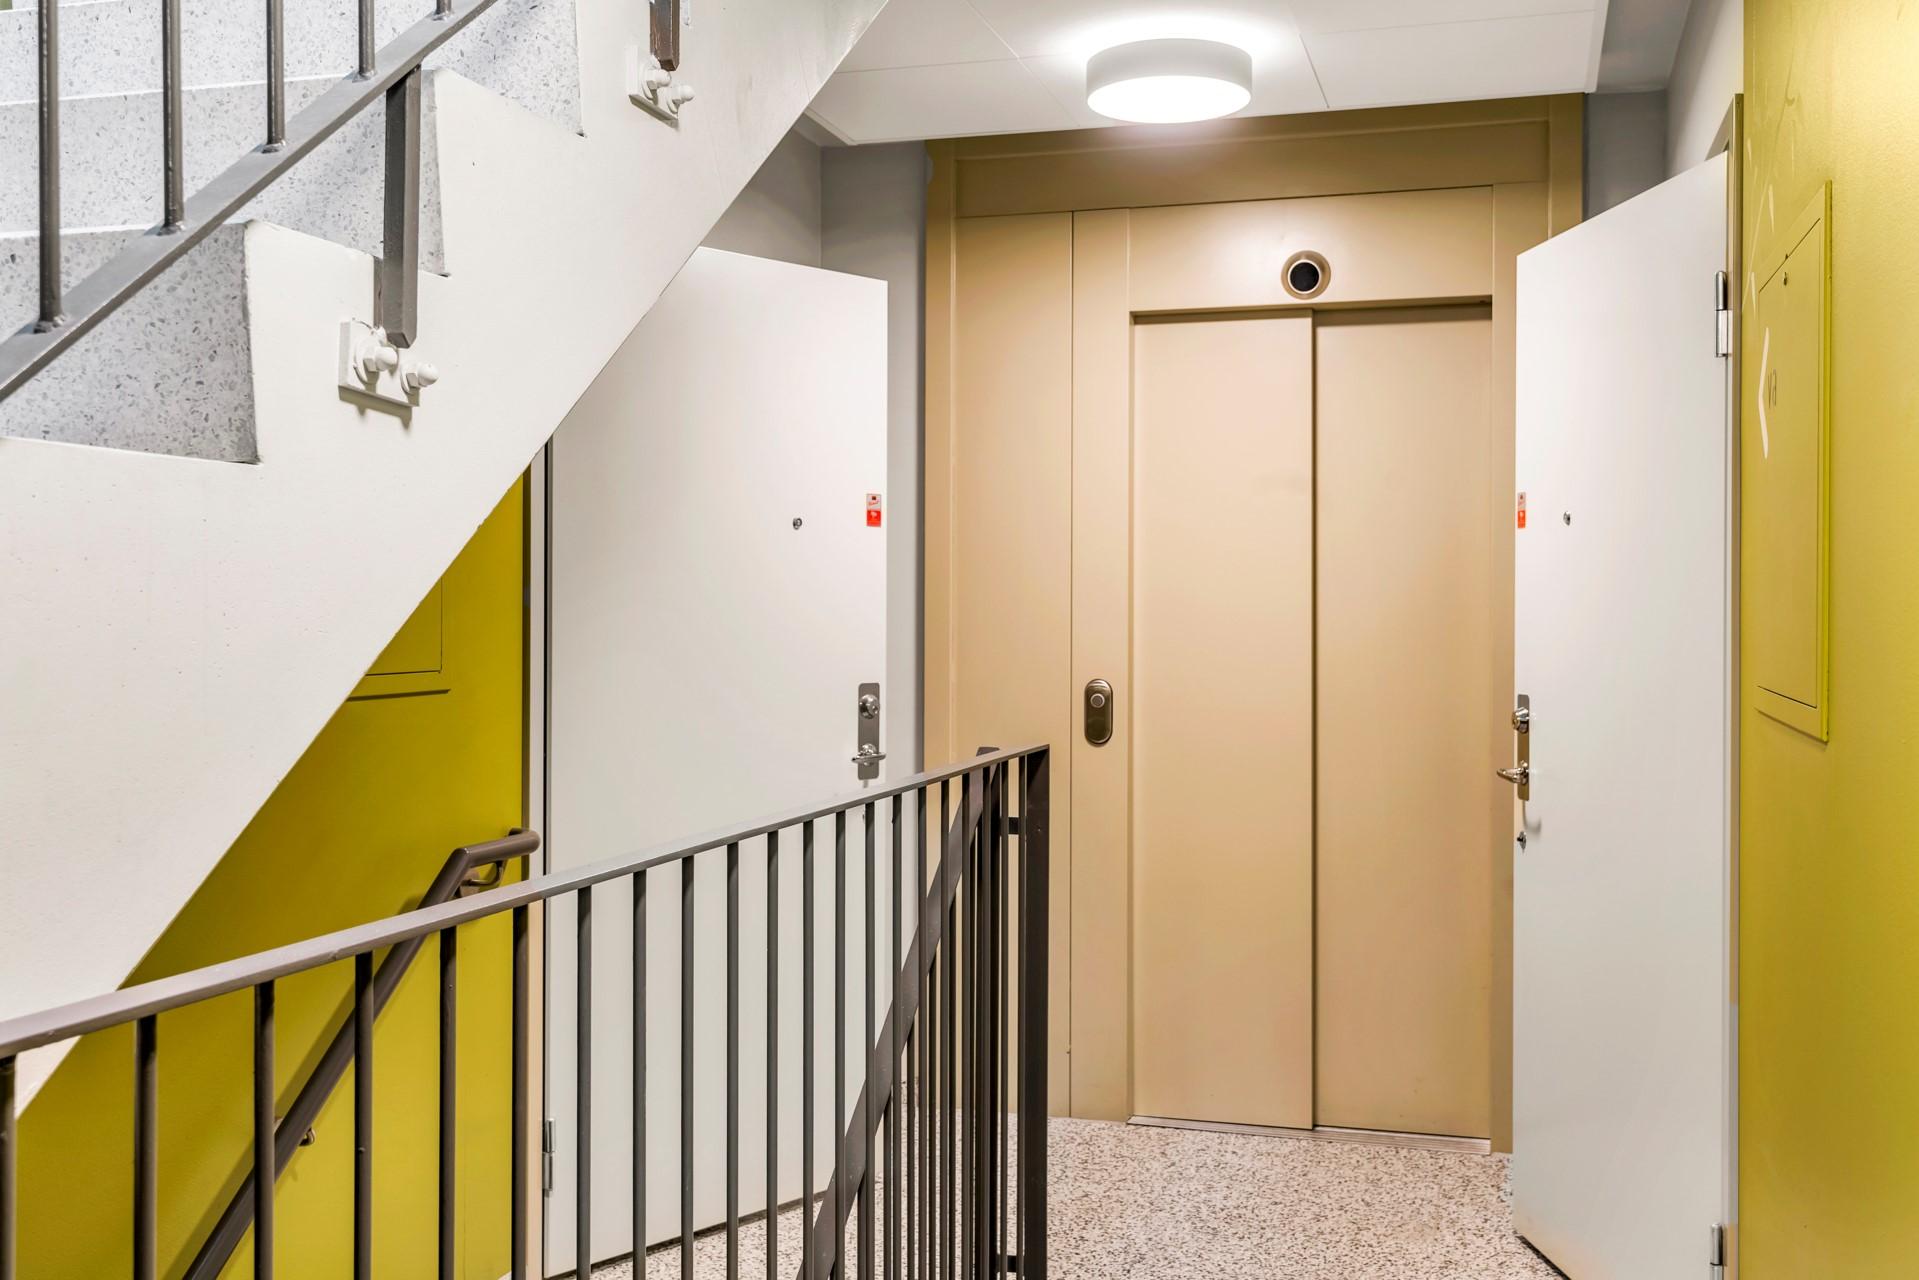 Lägenhetens två entreér